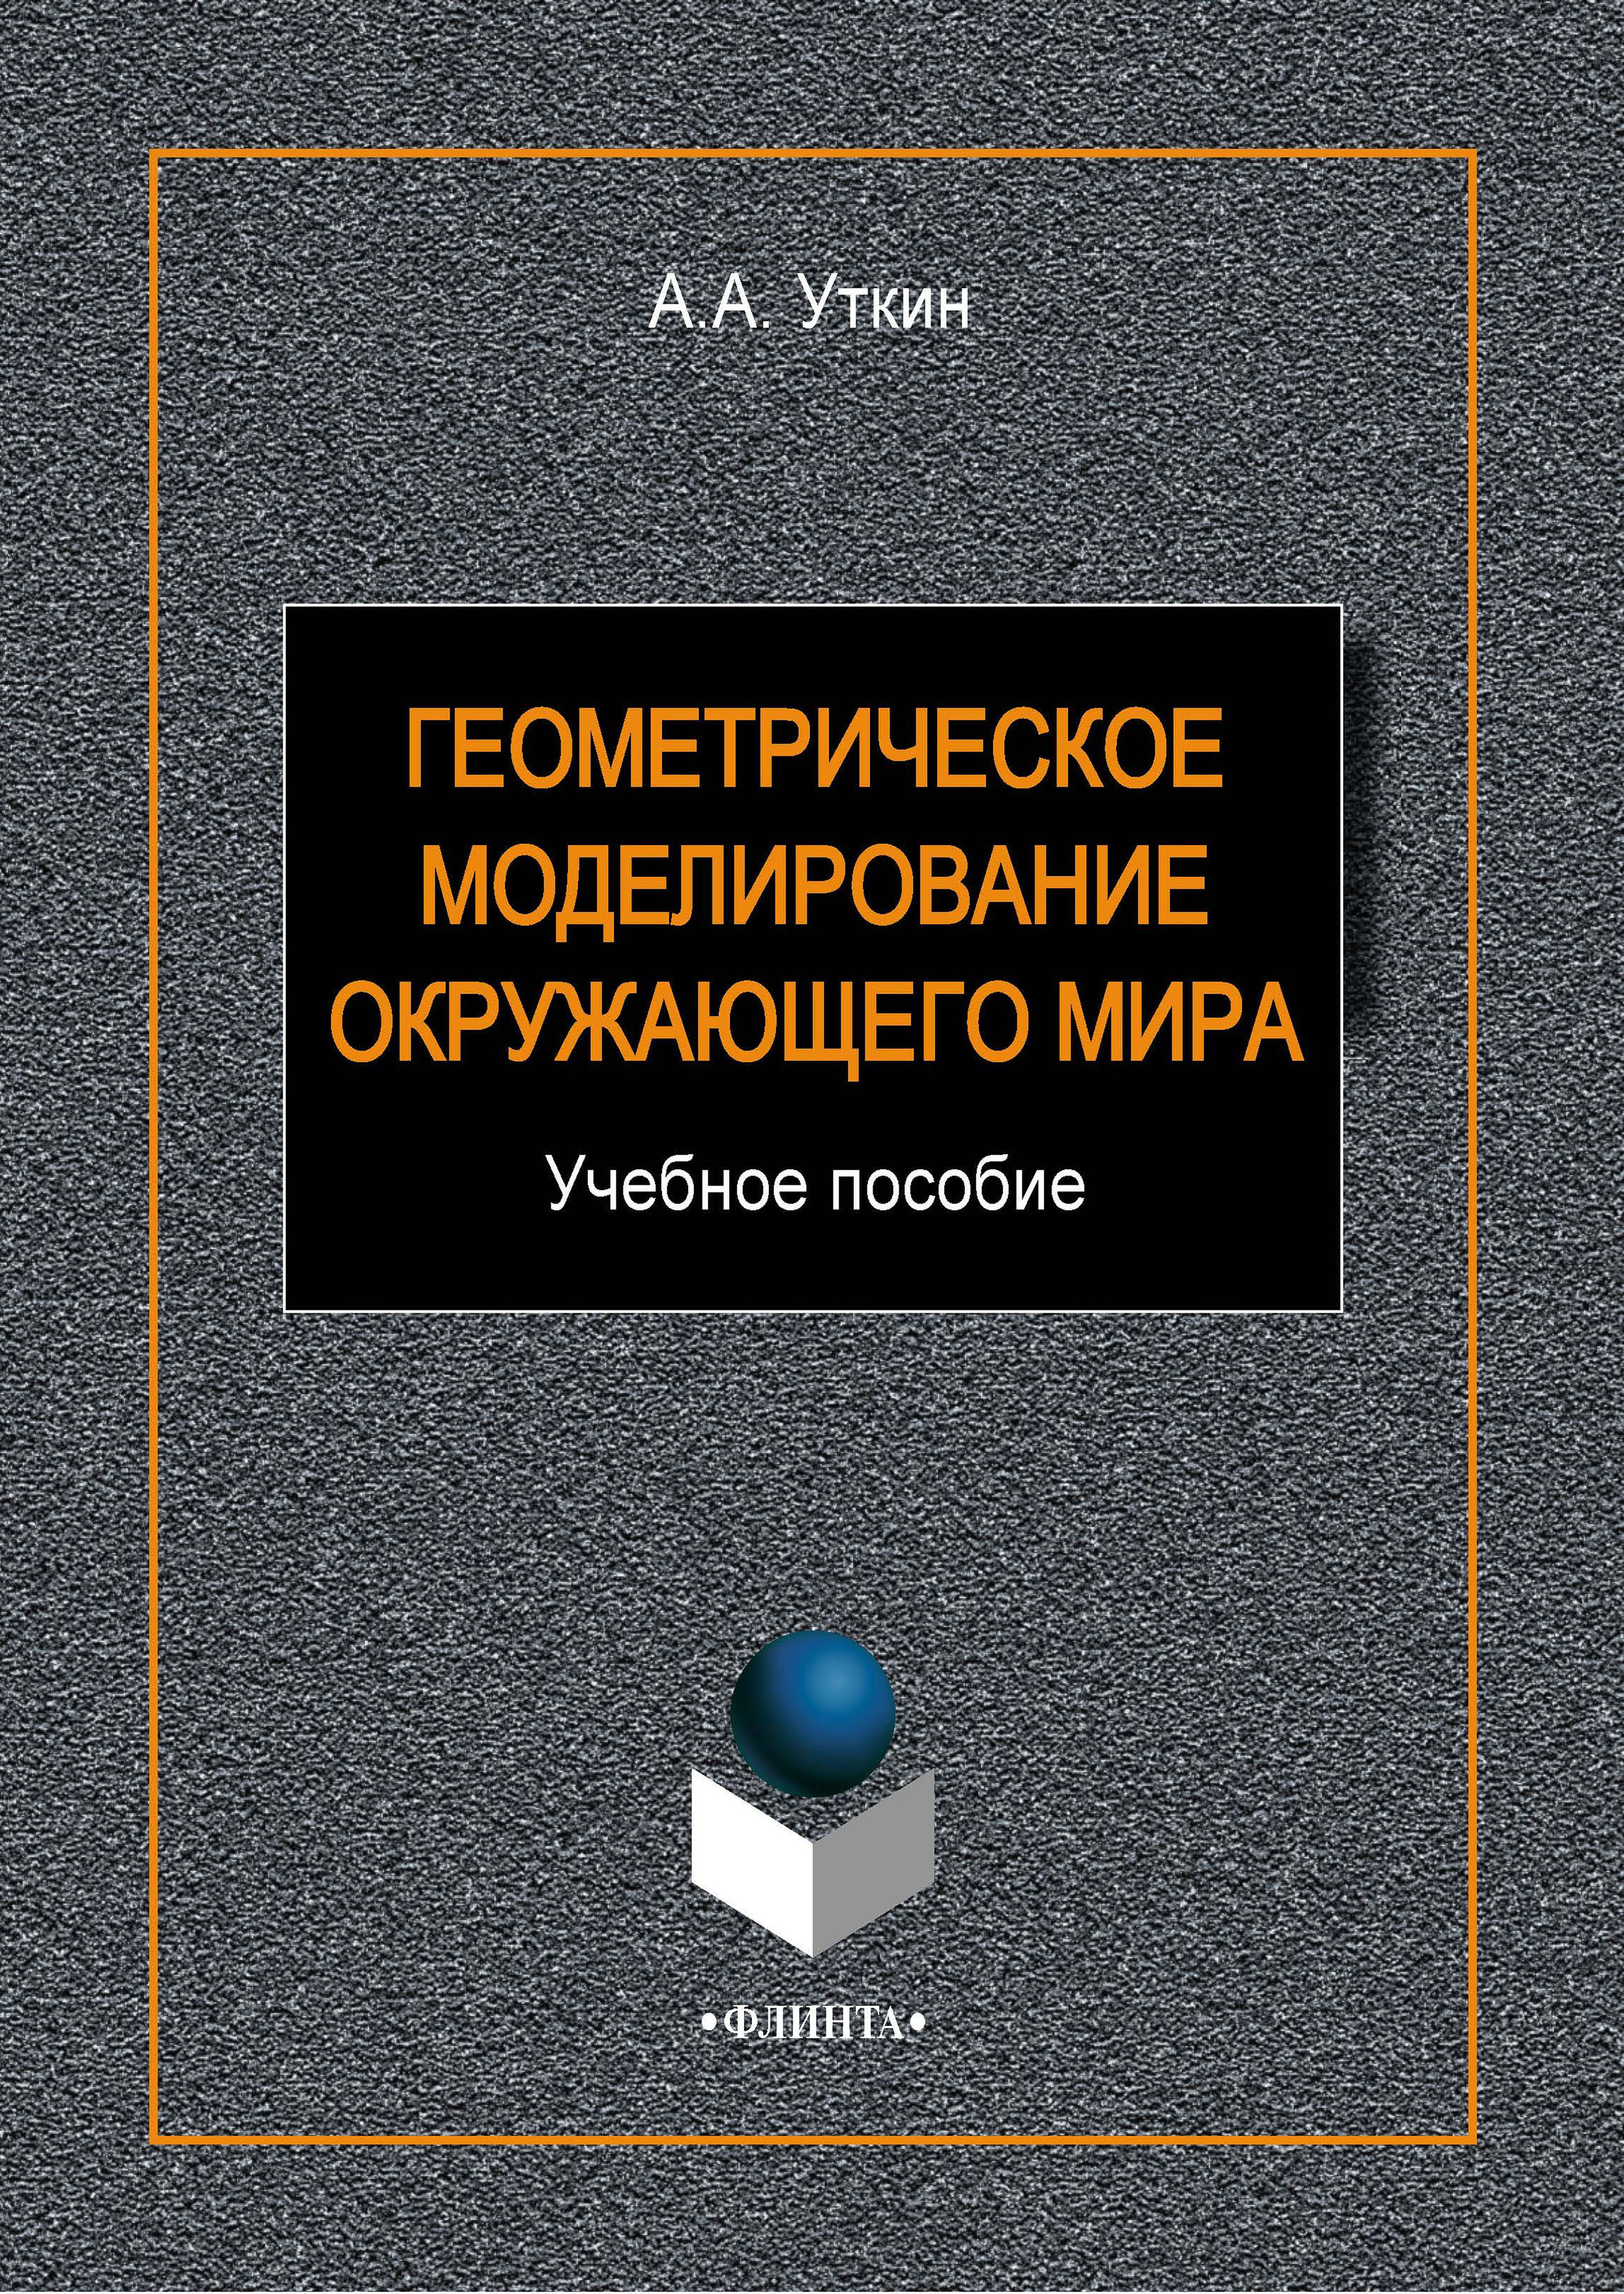 А. А. Уткин Геометрическое моделирование окружающего мира уткин а а аудиокн уткин крепость сомнения 2cd